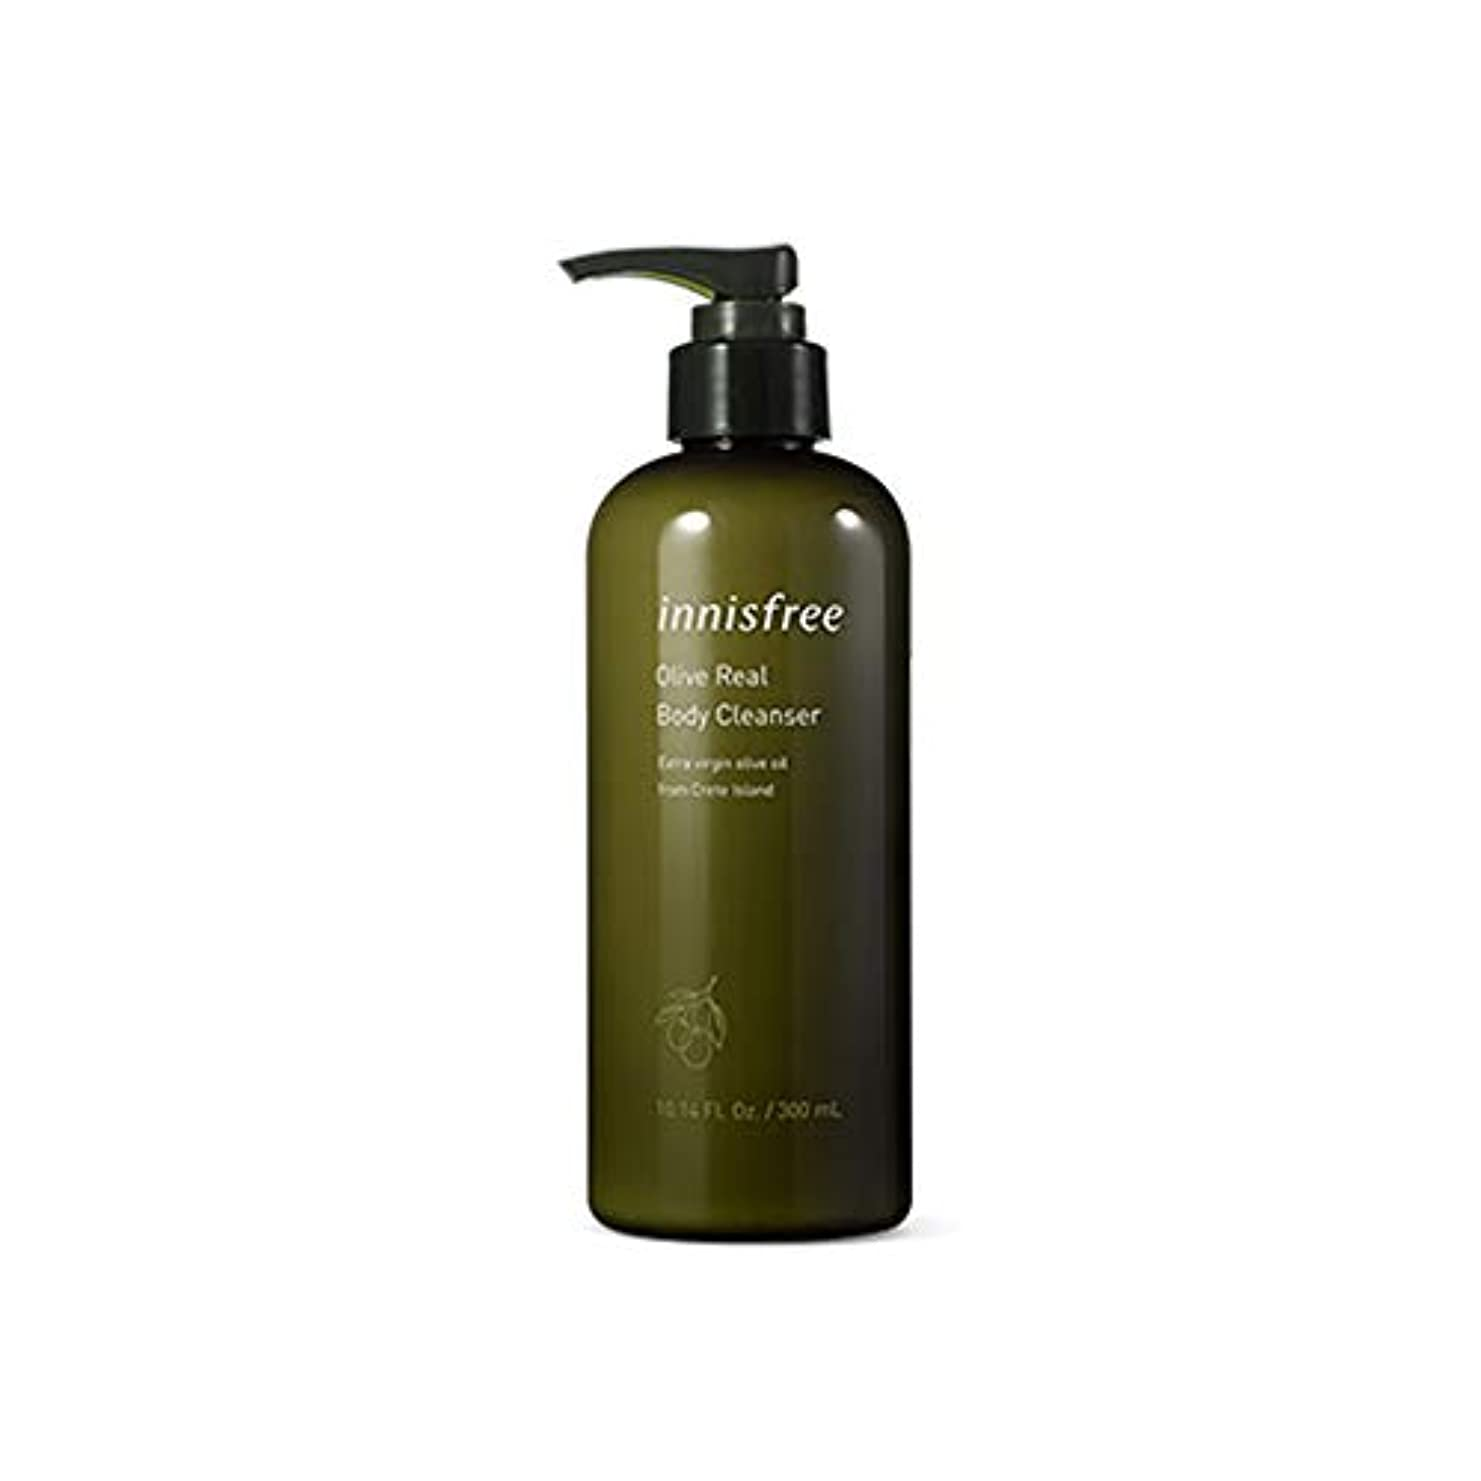 ばかげている失望させるアレルギー性イニスフリー Innisfree オリーブリアルボディークレンザー(300ml) Innisfree Olive Real Body Cleanser(300ml) [海外直送品]